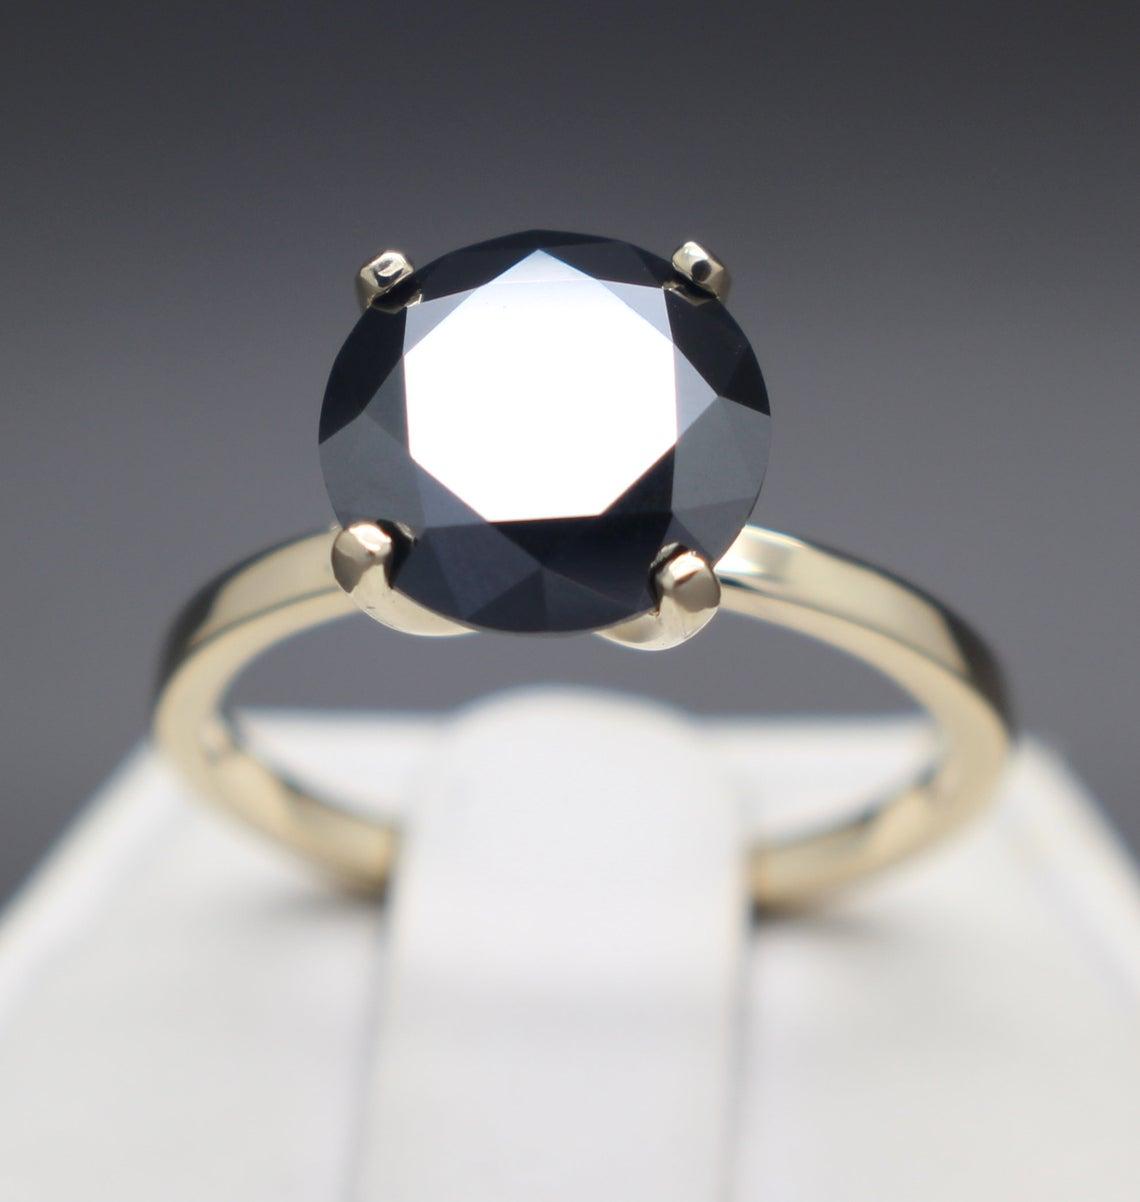 اسعار الماس الاسود الطبيعي